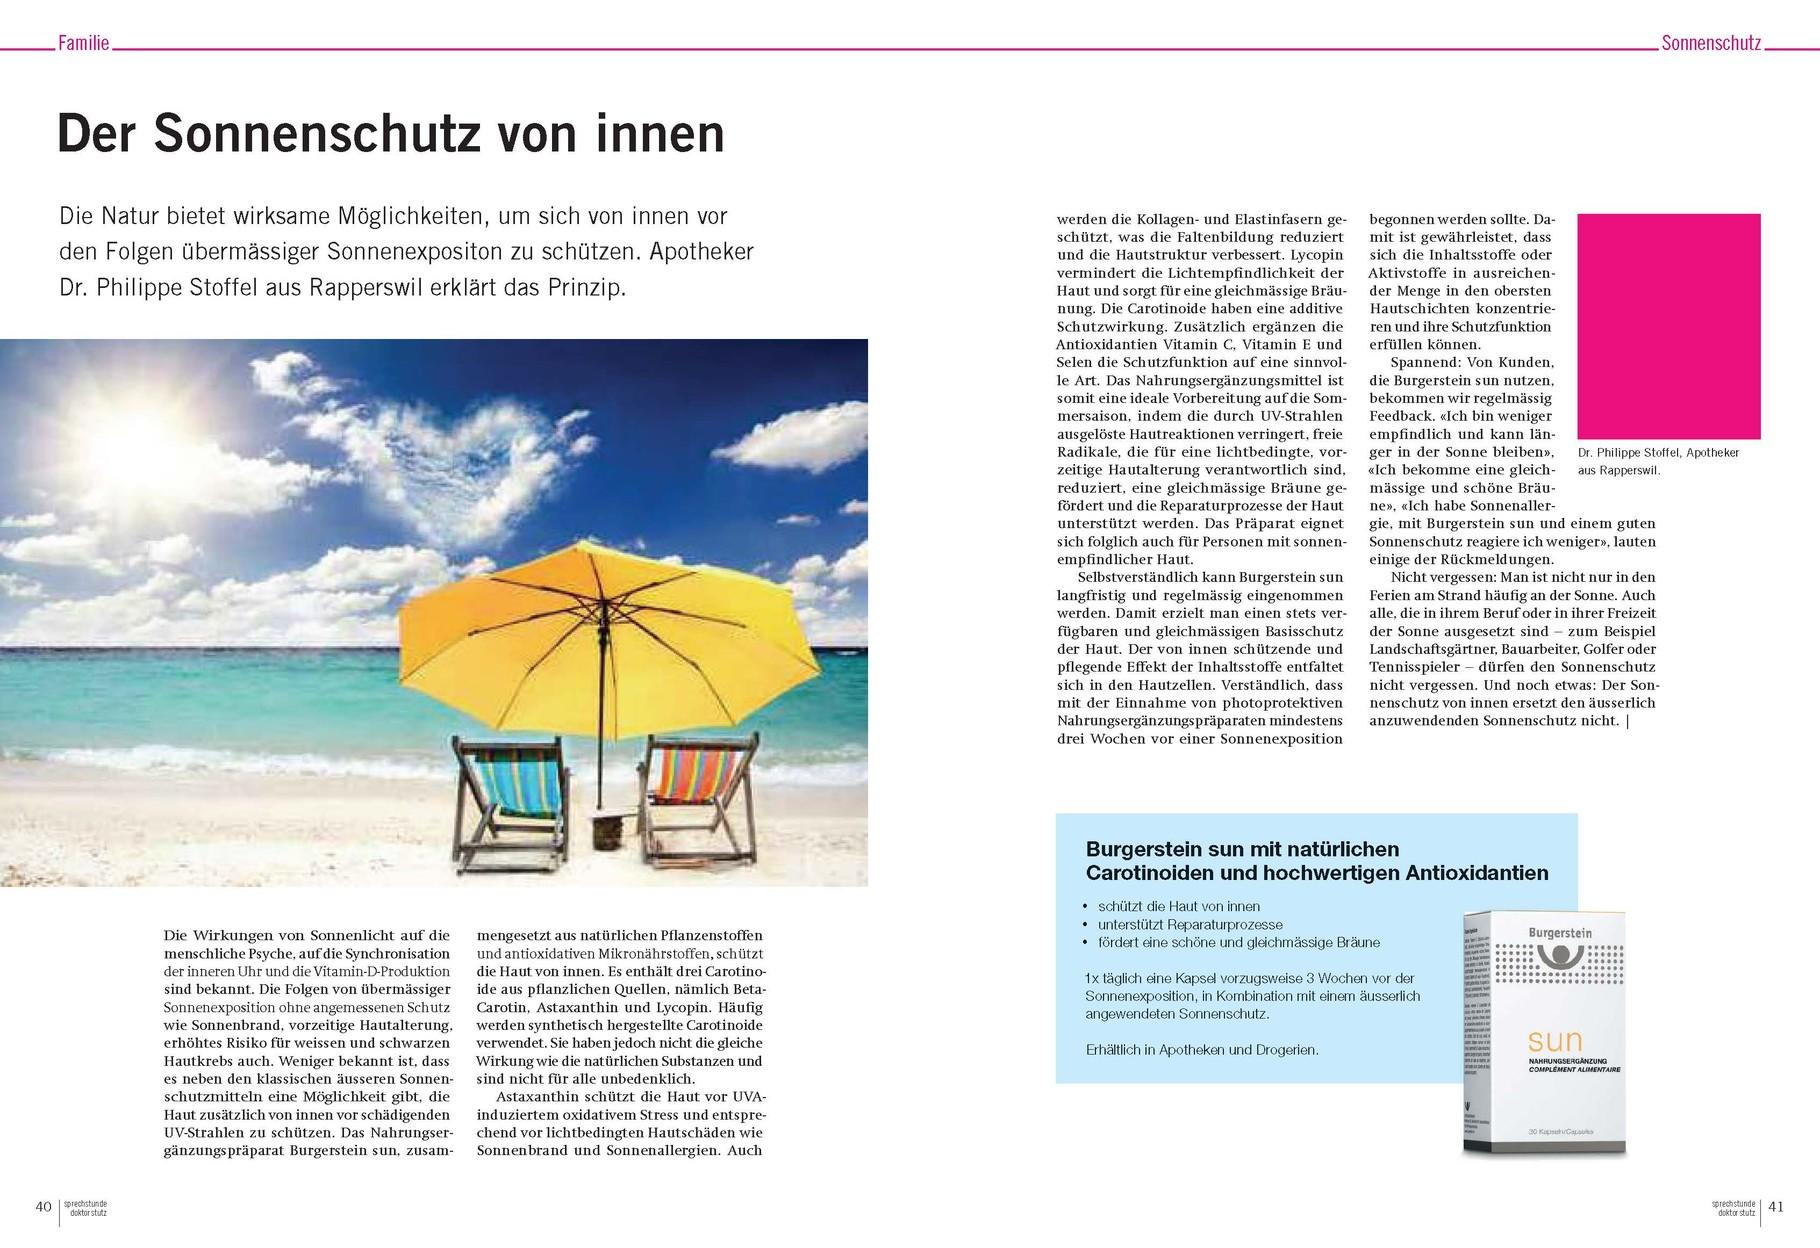 Burgerstein sun Online-Shop - Apotheken Dr. Stoffel, Rapperswil